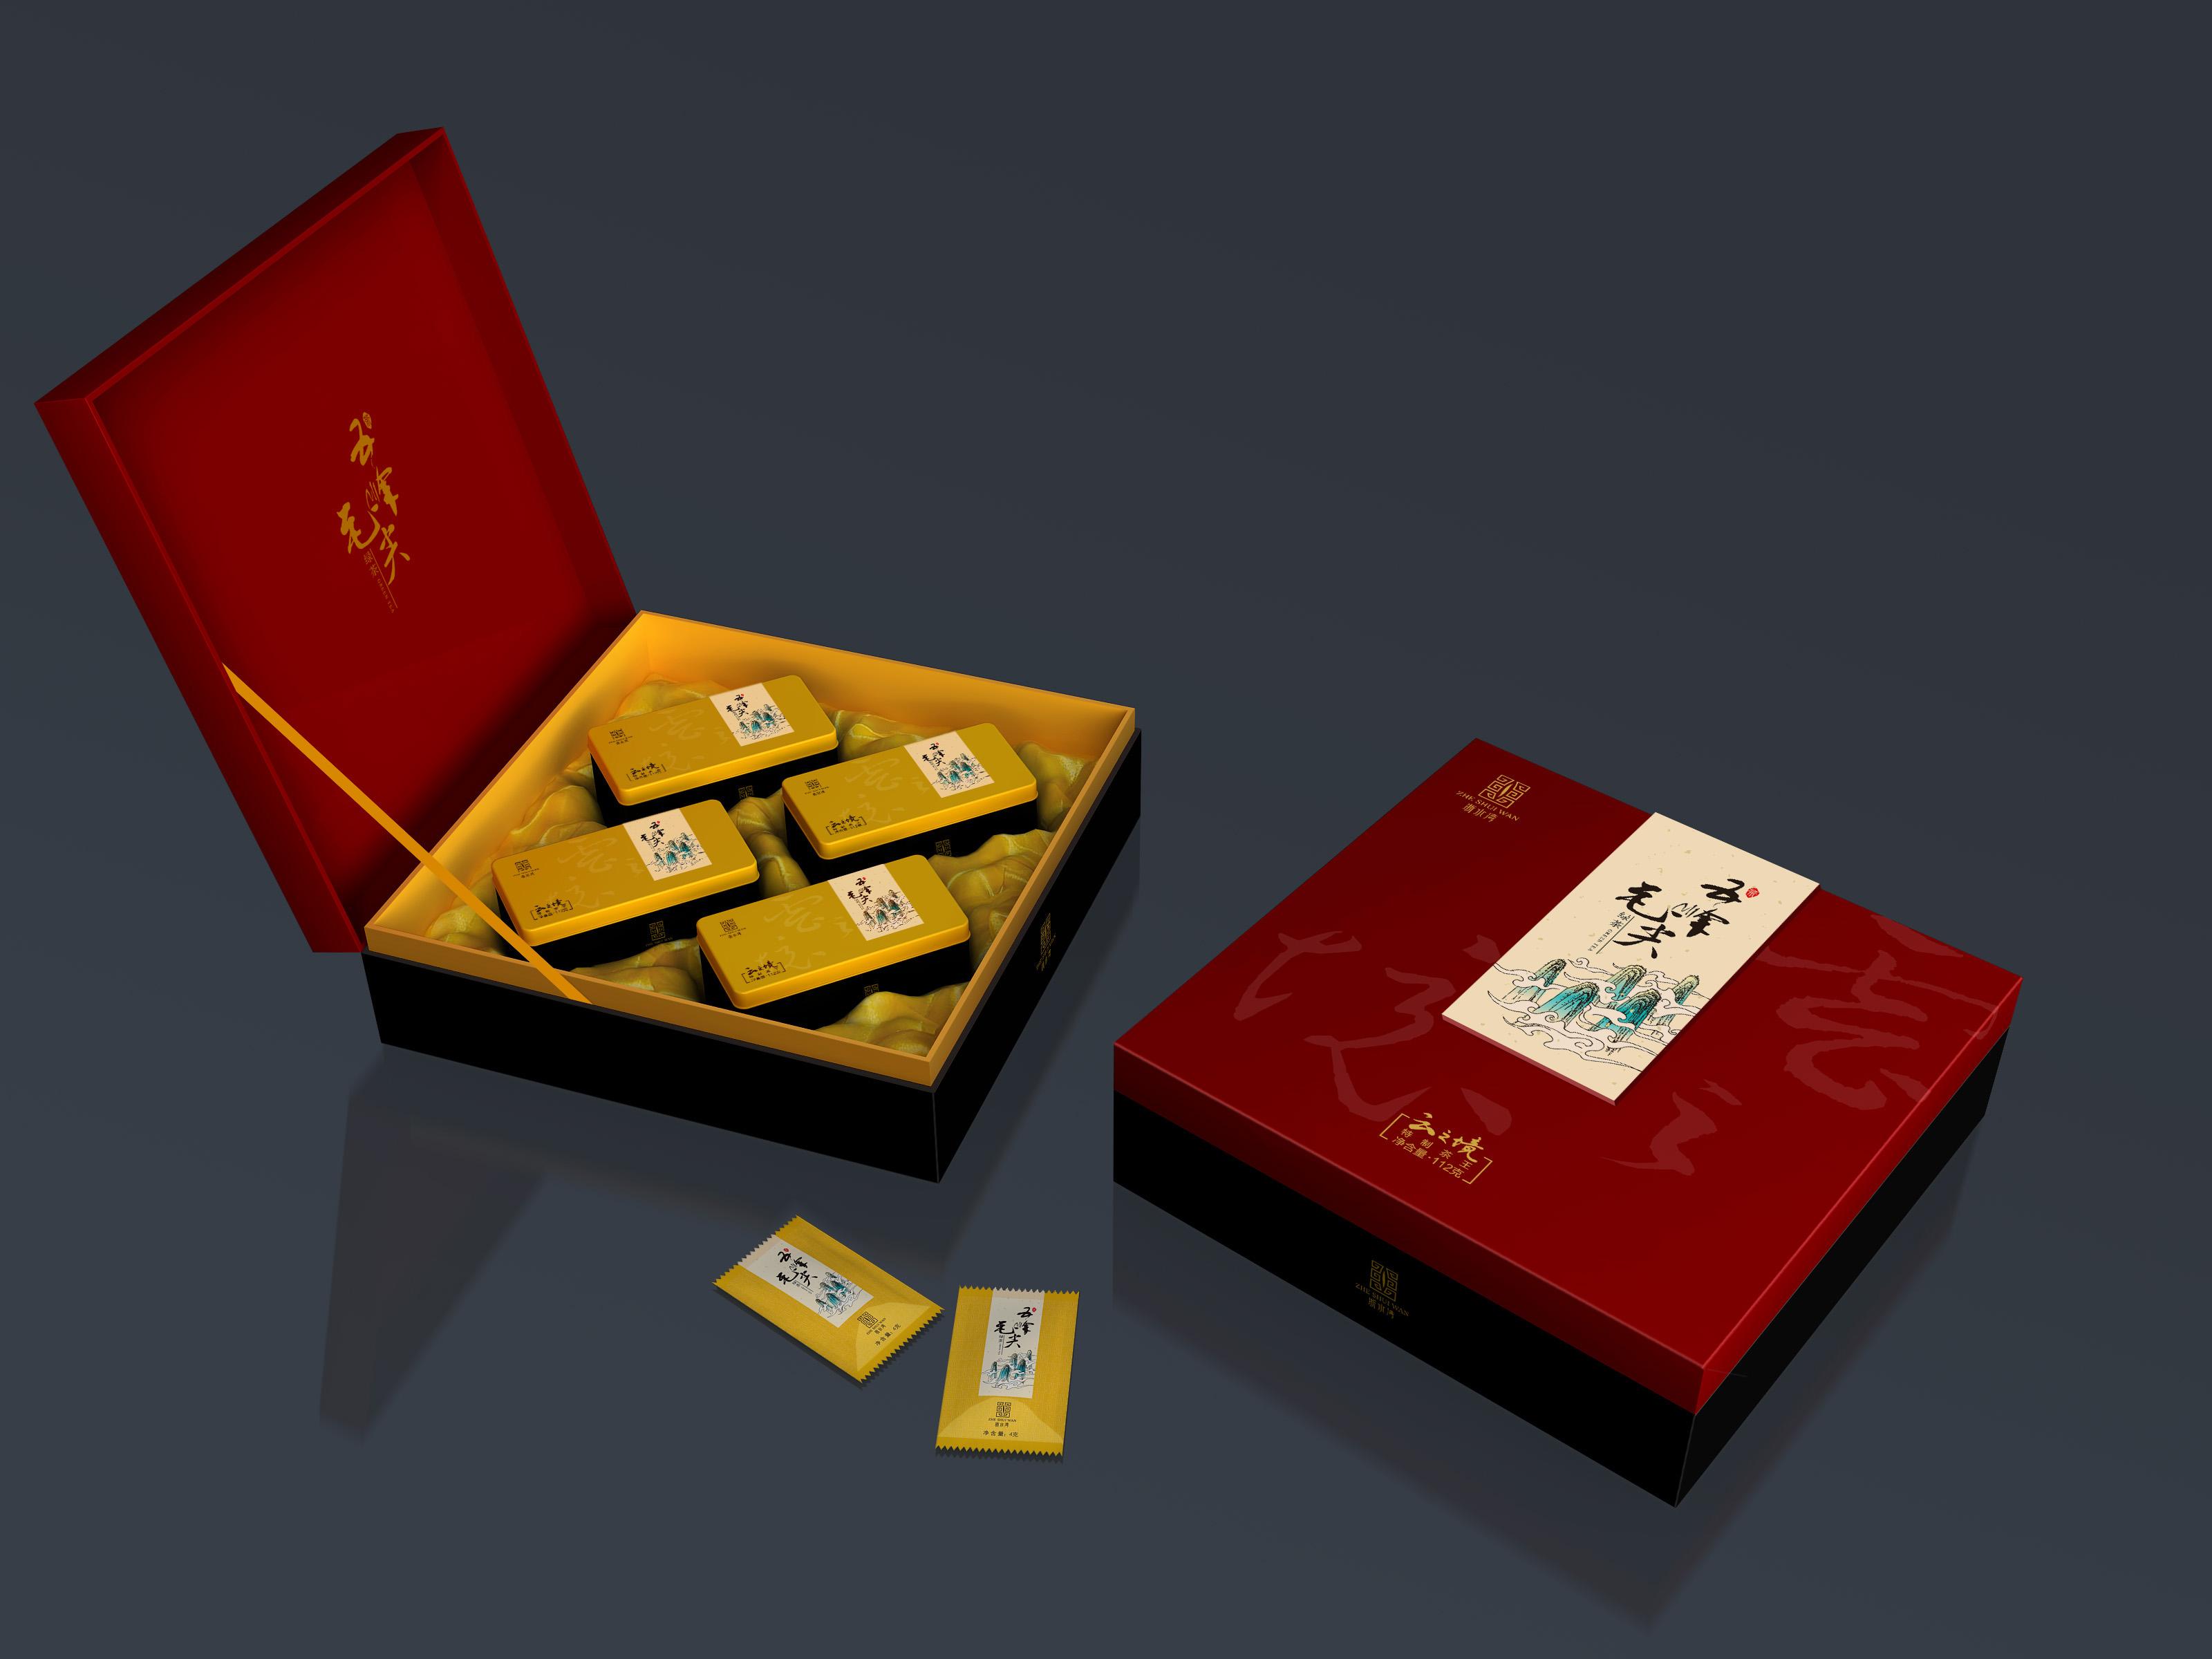 茶叶的包装设计需要讲究什么?